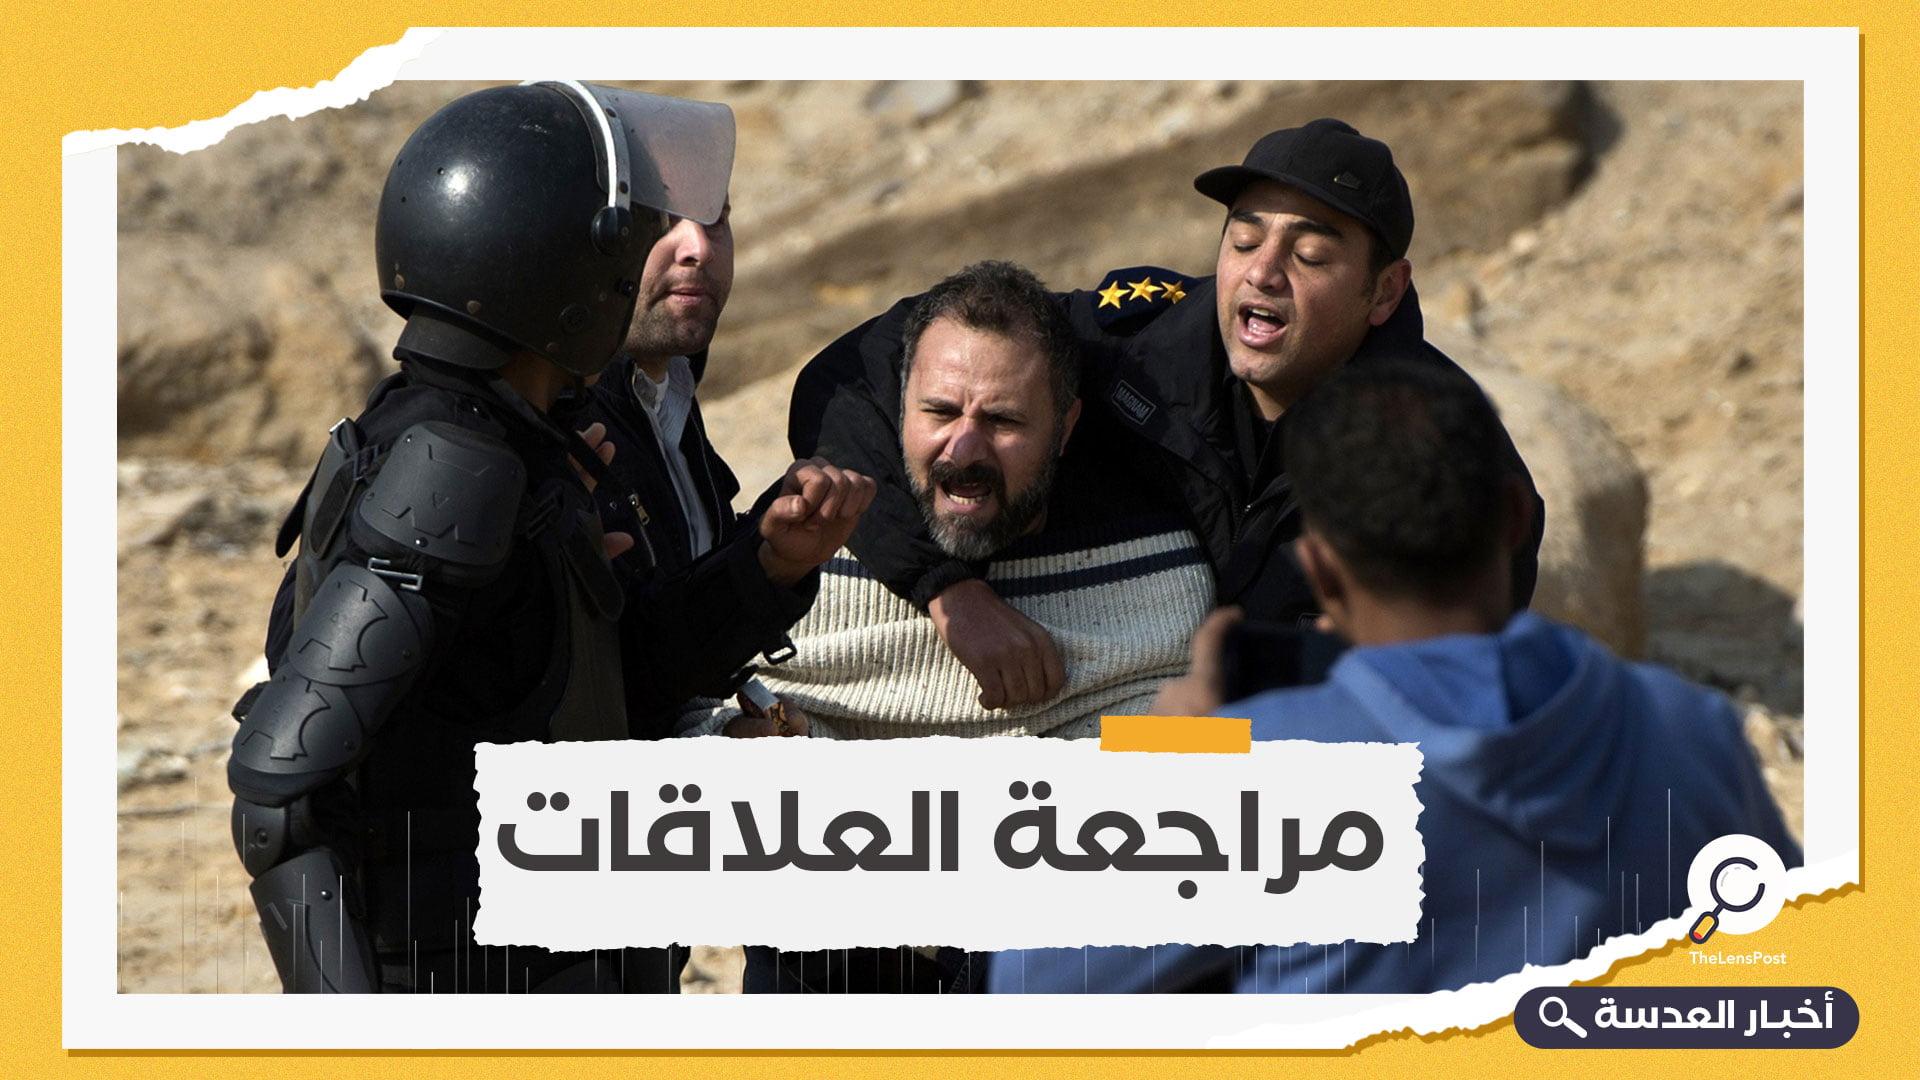 قمع مستمر.. منظمات حقوقية تطالب الاتحاد الأوروبي بمراجعة علاقاته مع نظام السيسي